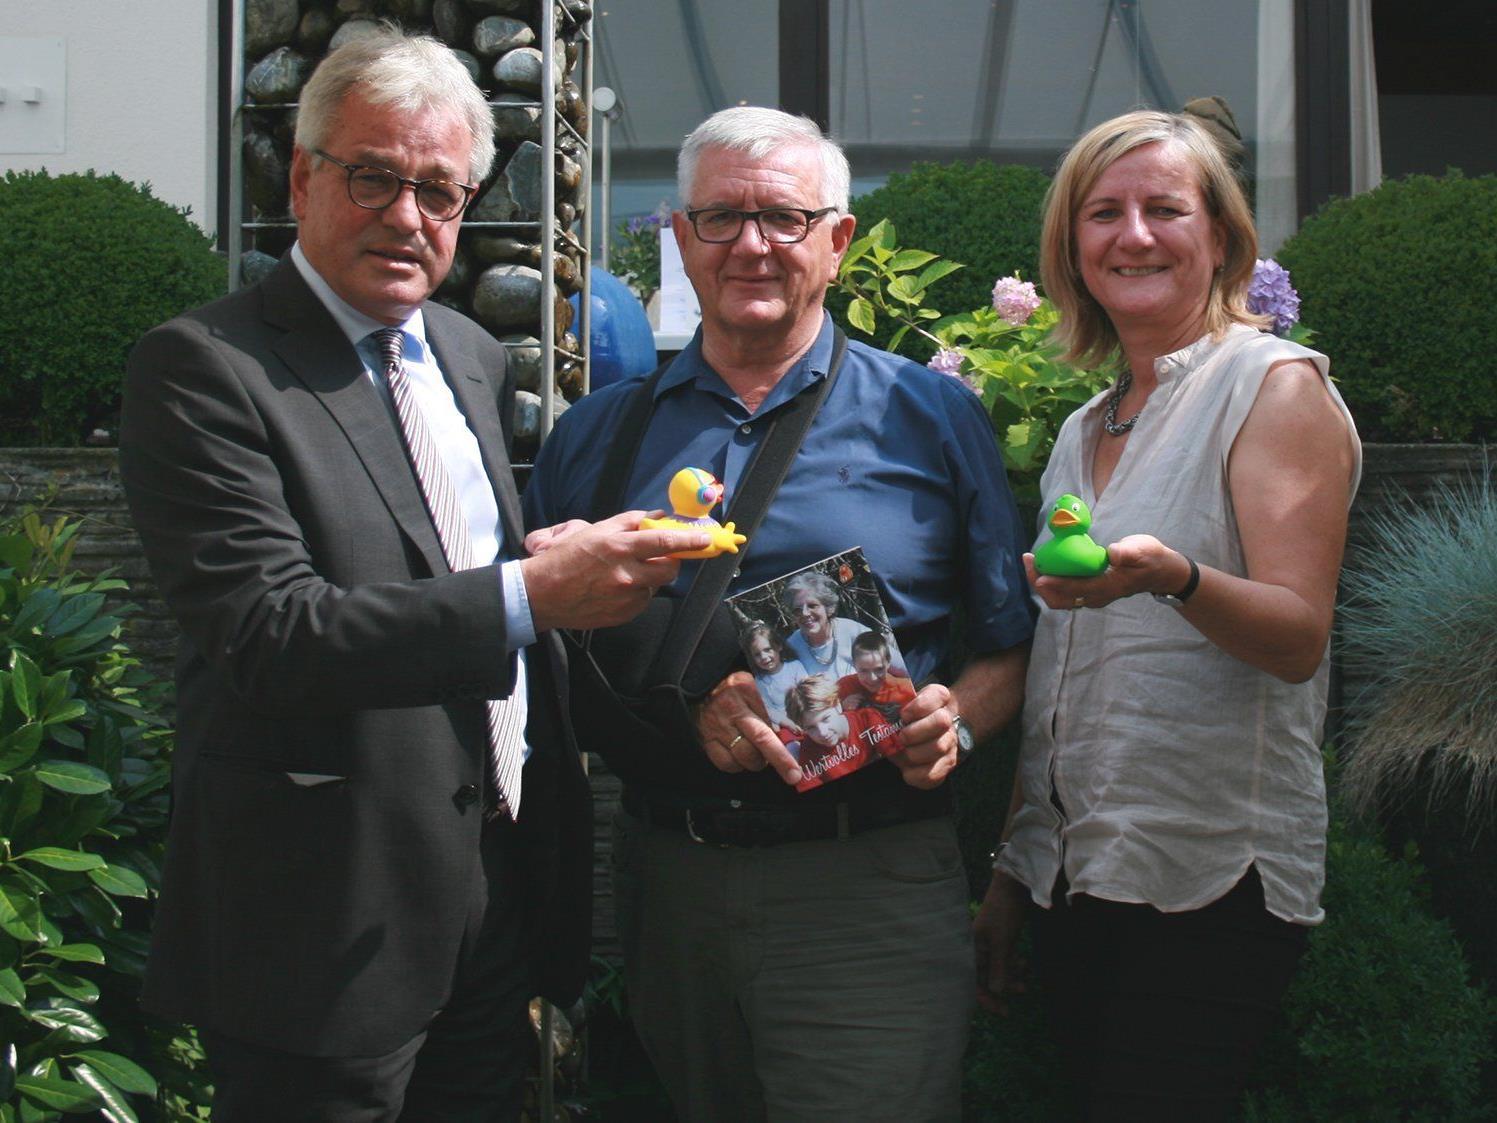 """v.l.: Wolfgang Götze (Notar), Franz Abbrederis (Obmann """"Netz für Kinder"""") und Maria Feurstein (Geschäftsführerin """"Netz für Kinder"""") präsentierten die Bilanz des Vereinsjahres 2014."""